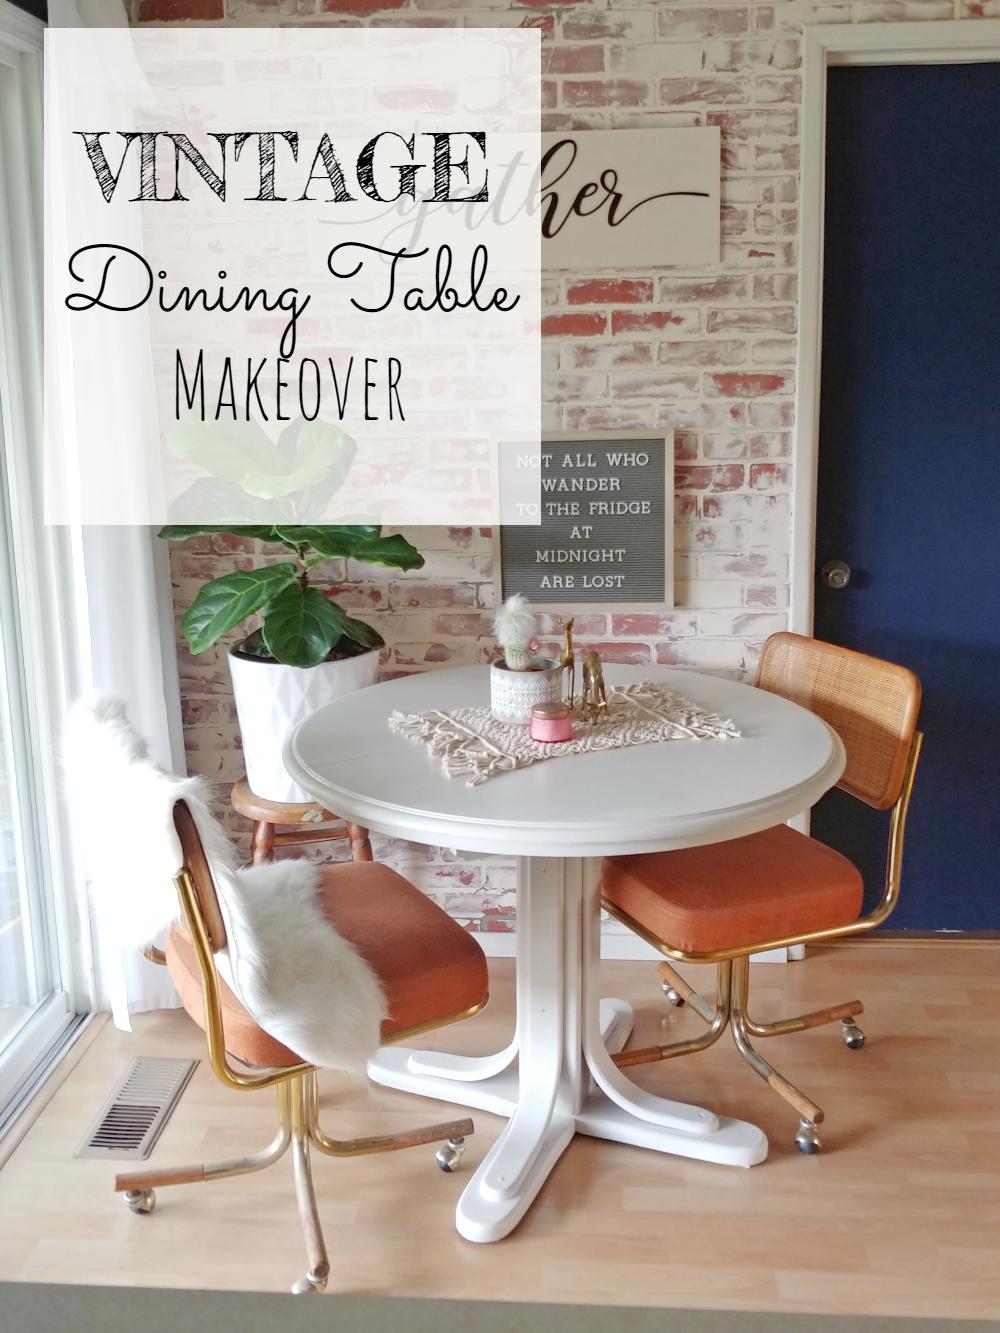 Vintage Dining Table Makeover - Little Vintage Cottage